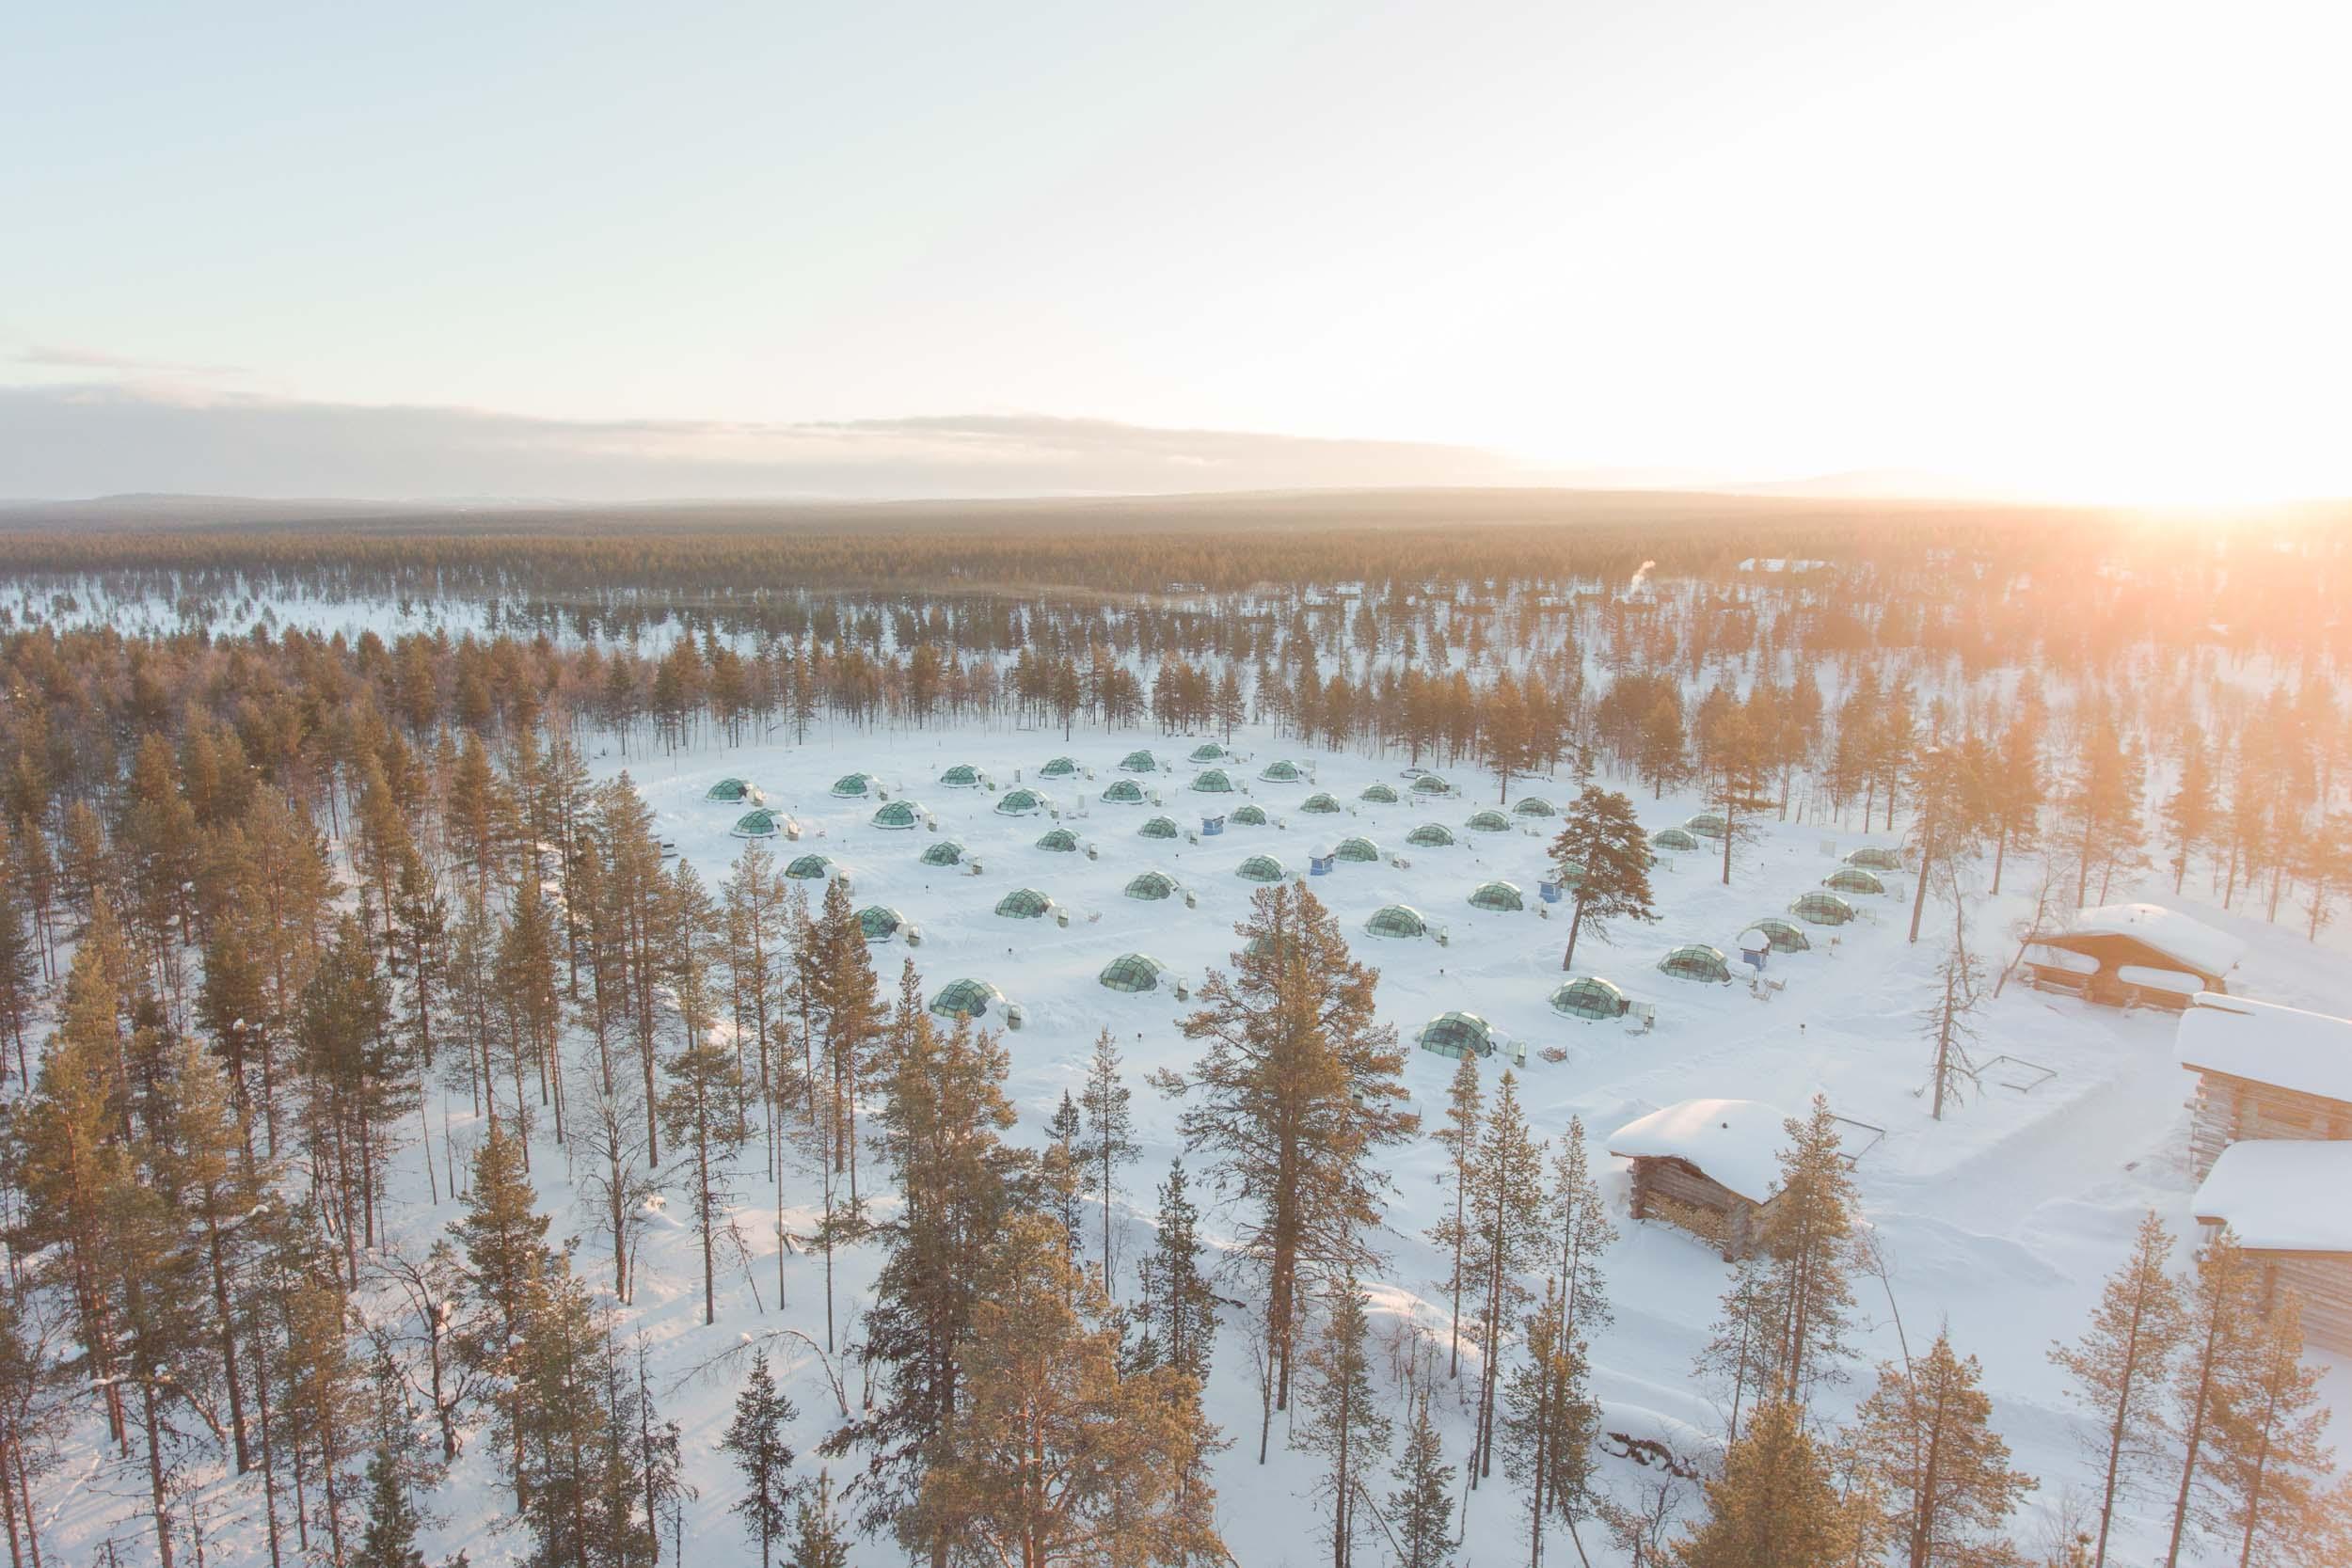 the_getaway_edit_finland_kakslauttanen_arctic_resort-11.jpg